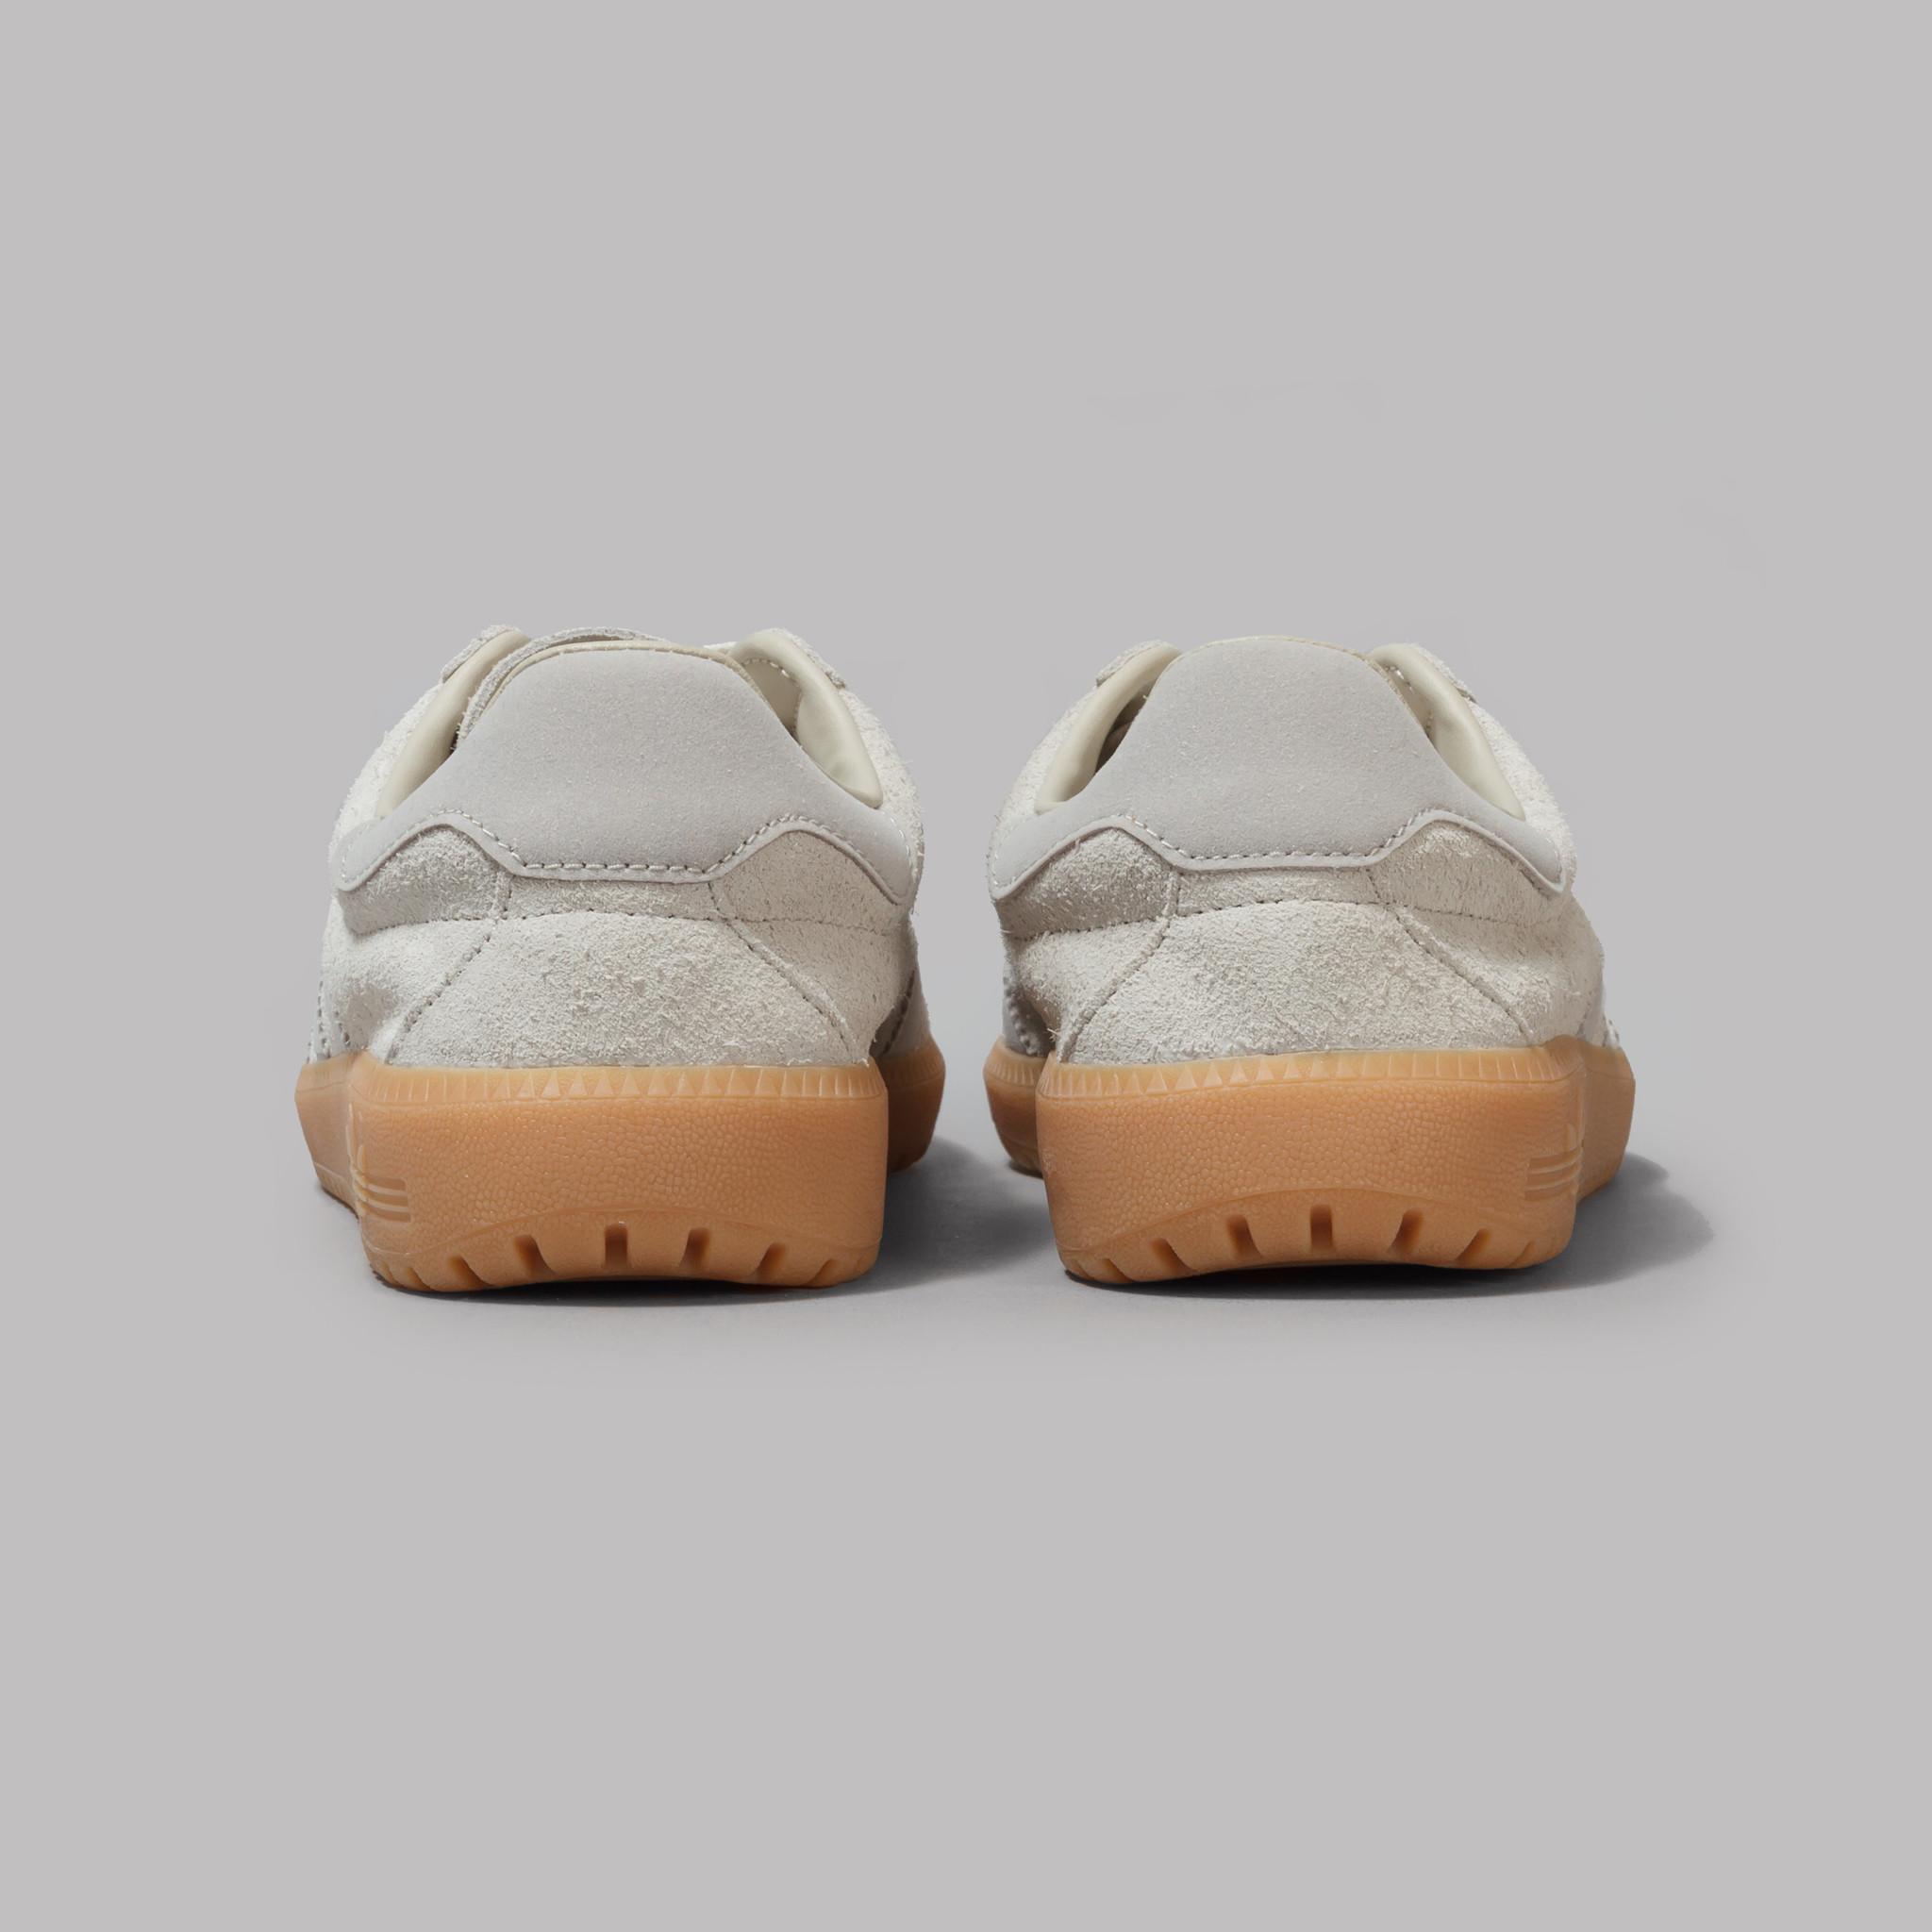 adidas-010217-04-00